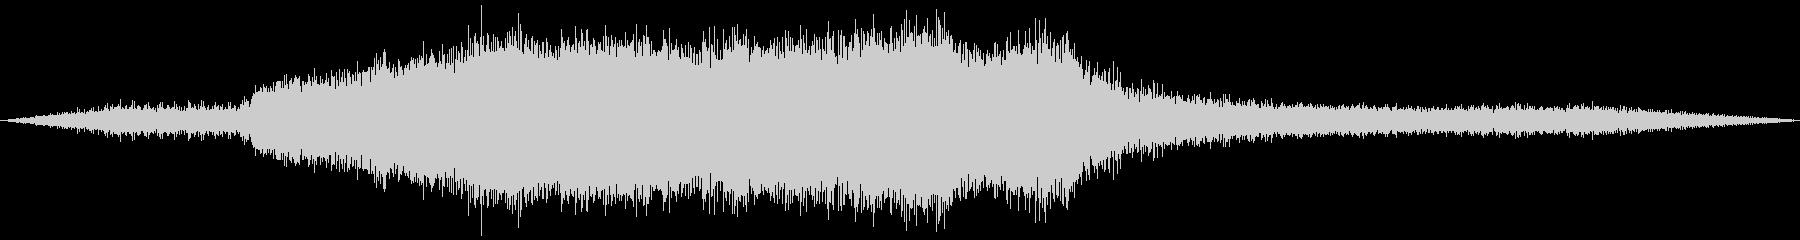 16フィートディーゼルボックストラ...の未再生の波形